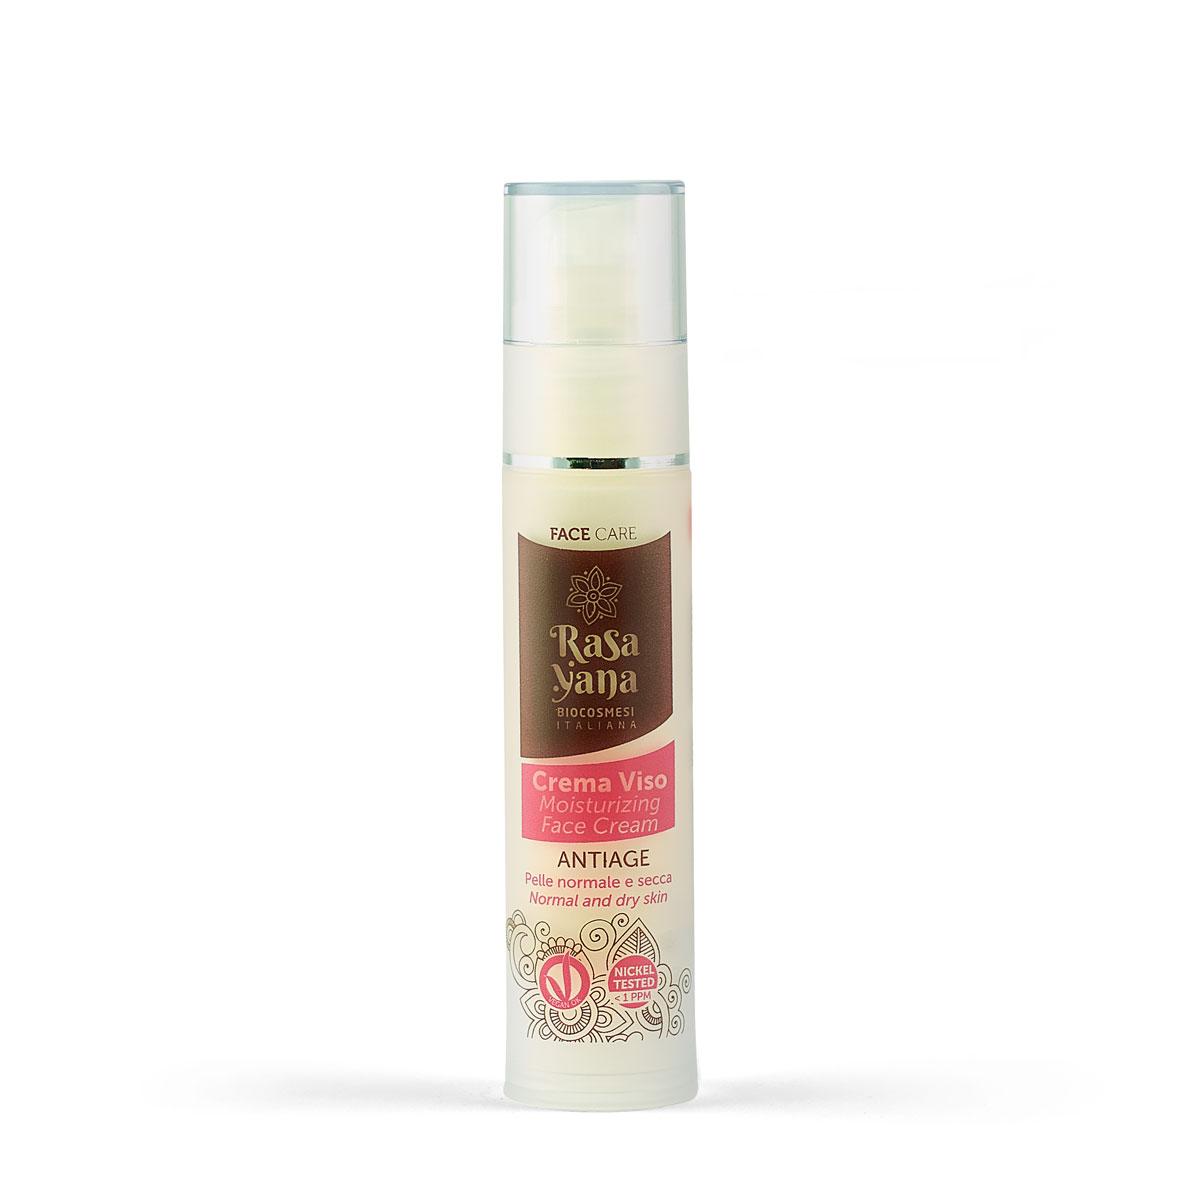 Crema viso antiage per pelle normale e secca